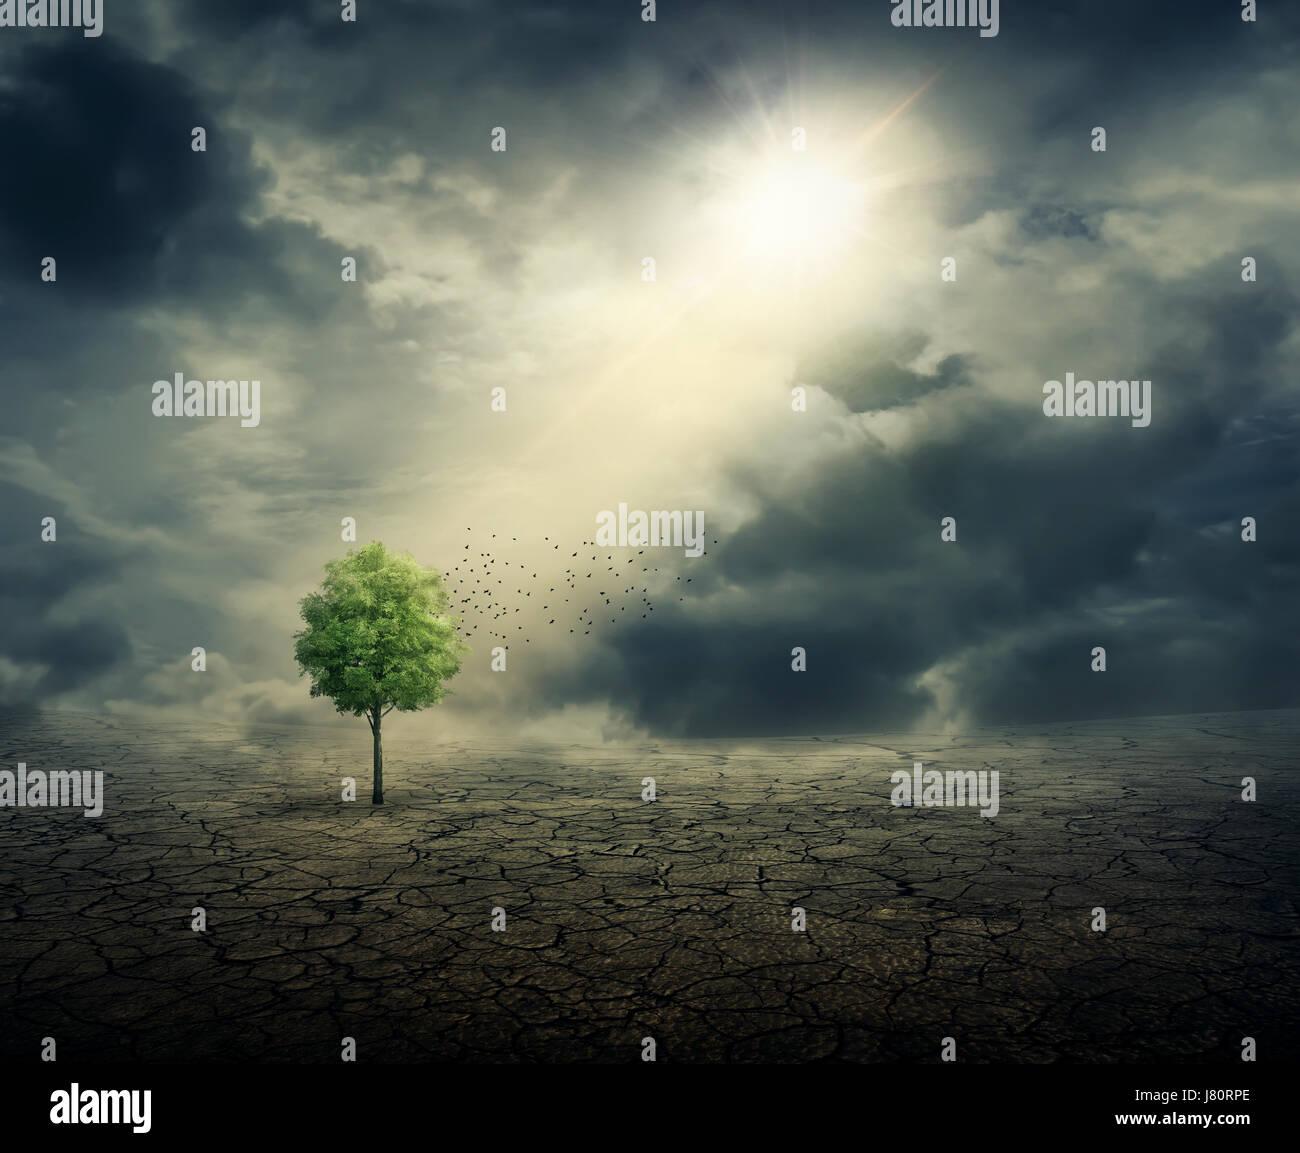 Árbol verde creciendo entre agrietado suelo desértico, con los rayos del sol en la fundición. Ecología Imagen De Stock